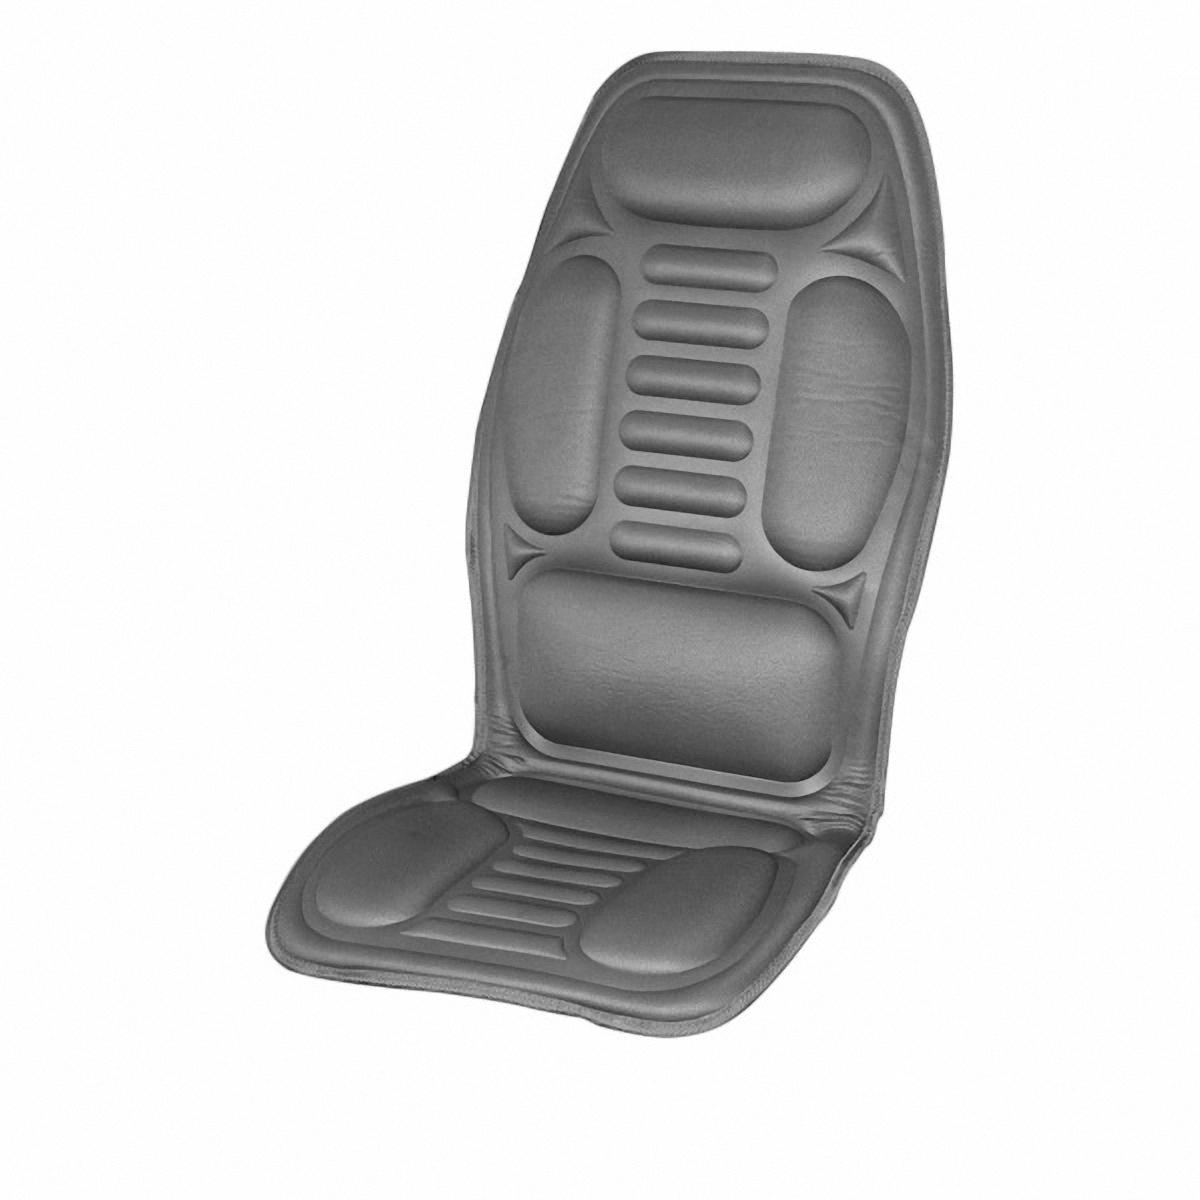 Подогрев для сиденья Skyway, со спинкой. S02201005S02201005Подогрев сиденья со спинкой с терморегулятором (2 режима) 12V. Подогрев сидения – это сезонный товар и большой популярностью пользуется в осенне-зимний период. ТМ SKYWAY предлагает наружные подогревы сидений, изготовленные в виде накидки на автомобильное кресло. Преимущество наружных подогревов в простоте установки. Они крепятся ремнями к креслу автомобиля и подключаются к бортовой сети через гнездо прикуривателя.